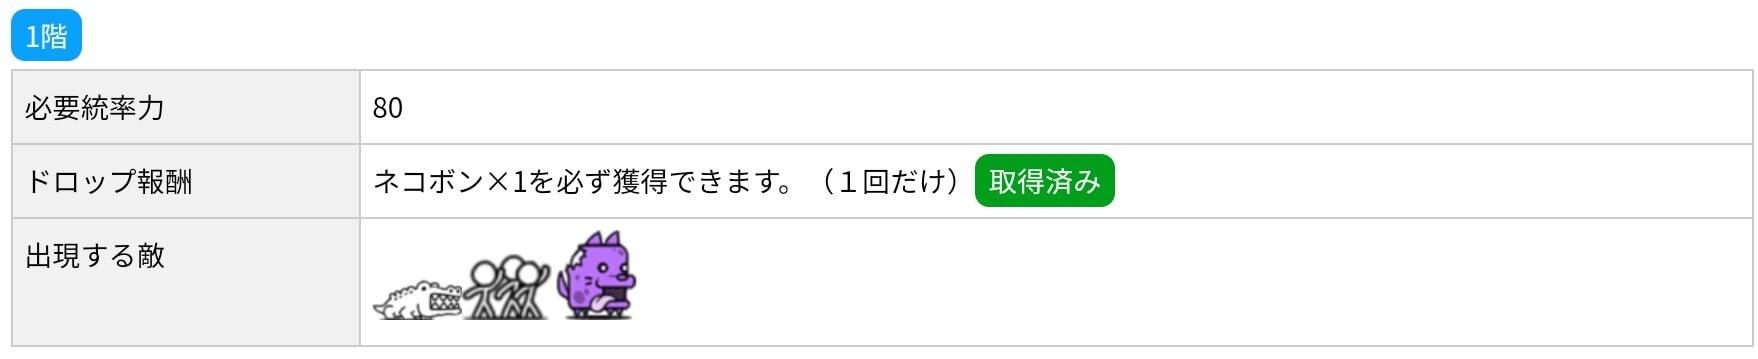 にゃんこ別塔(屍)1階 敵編成